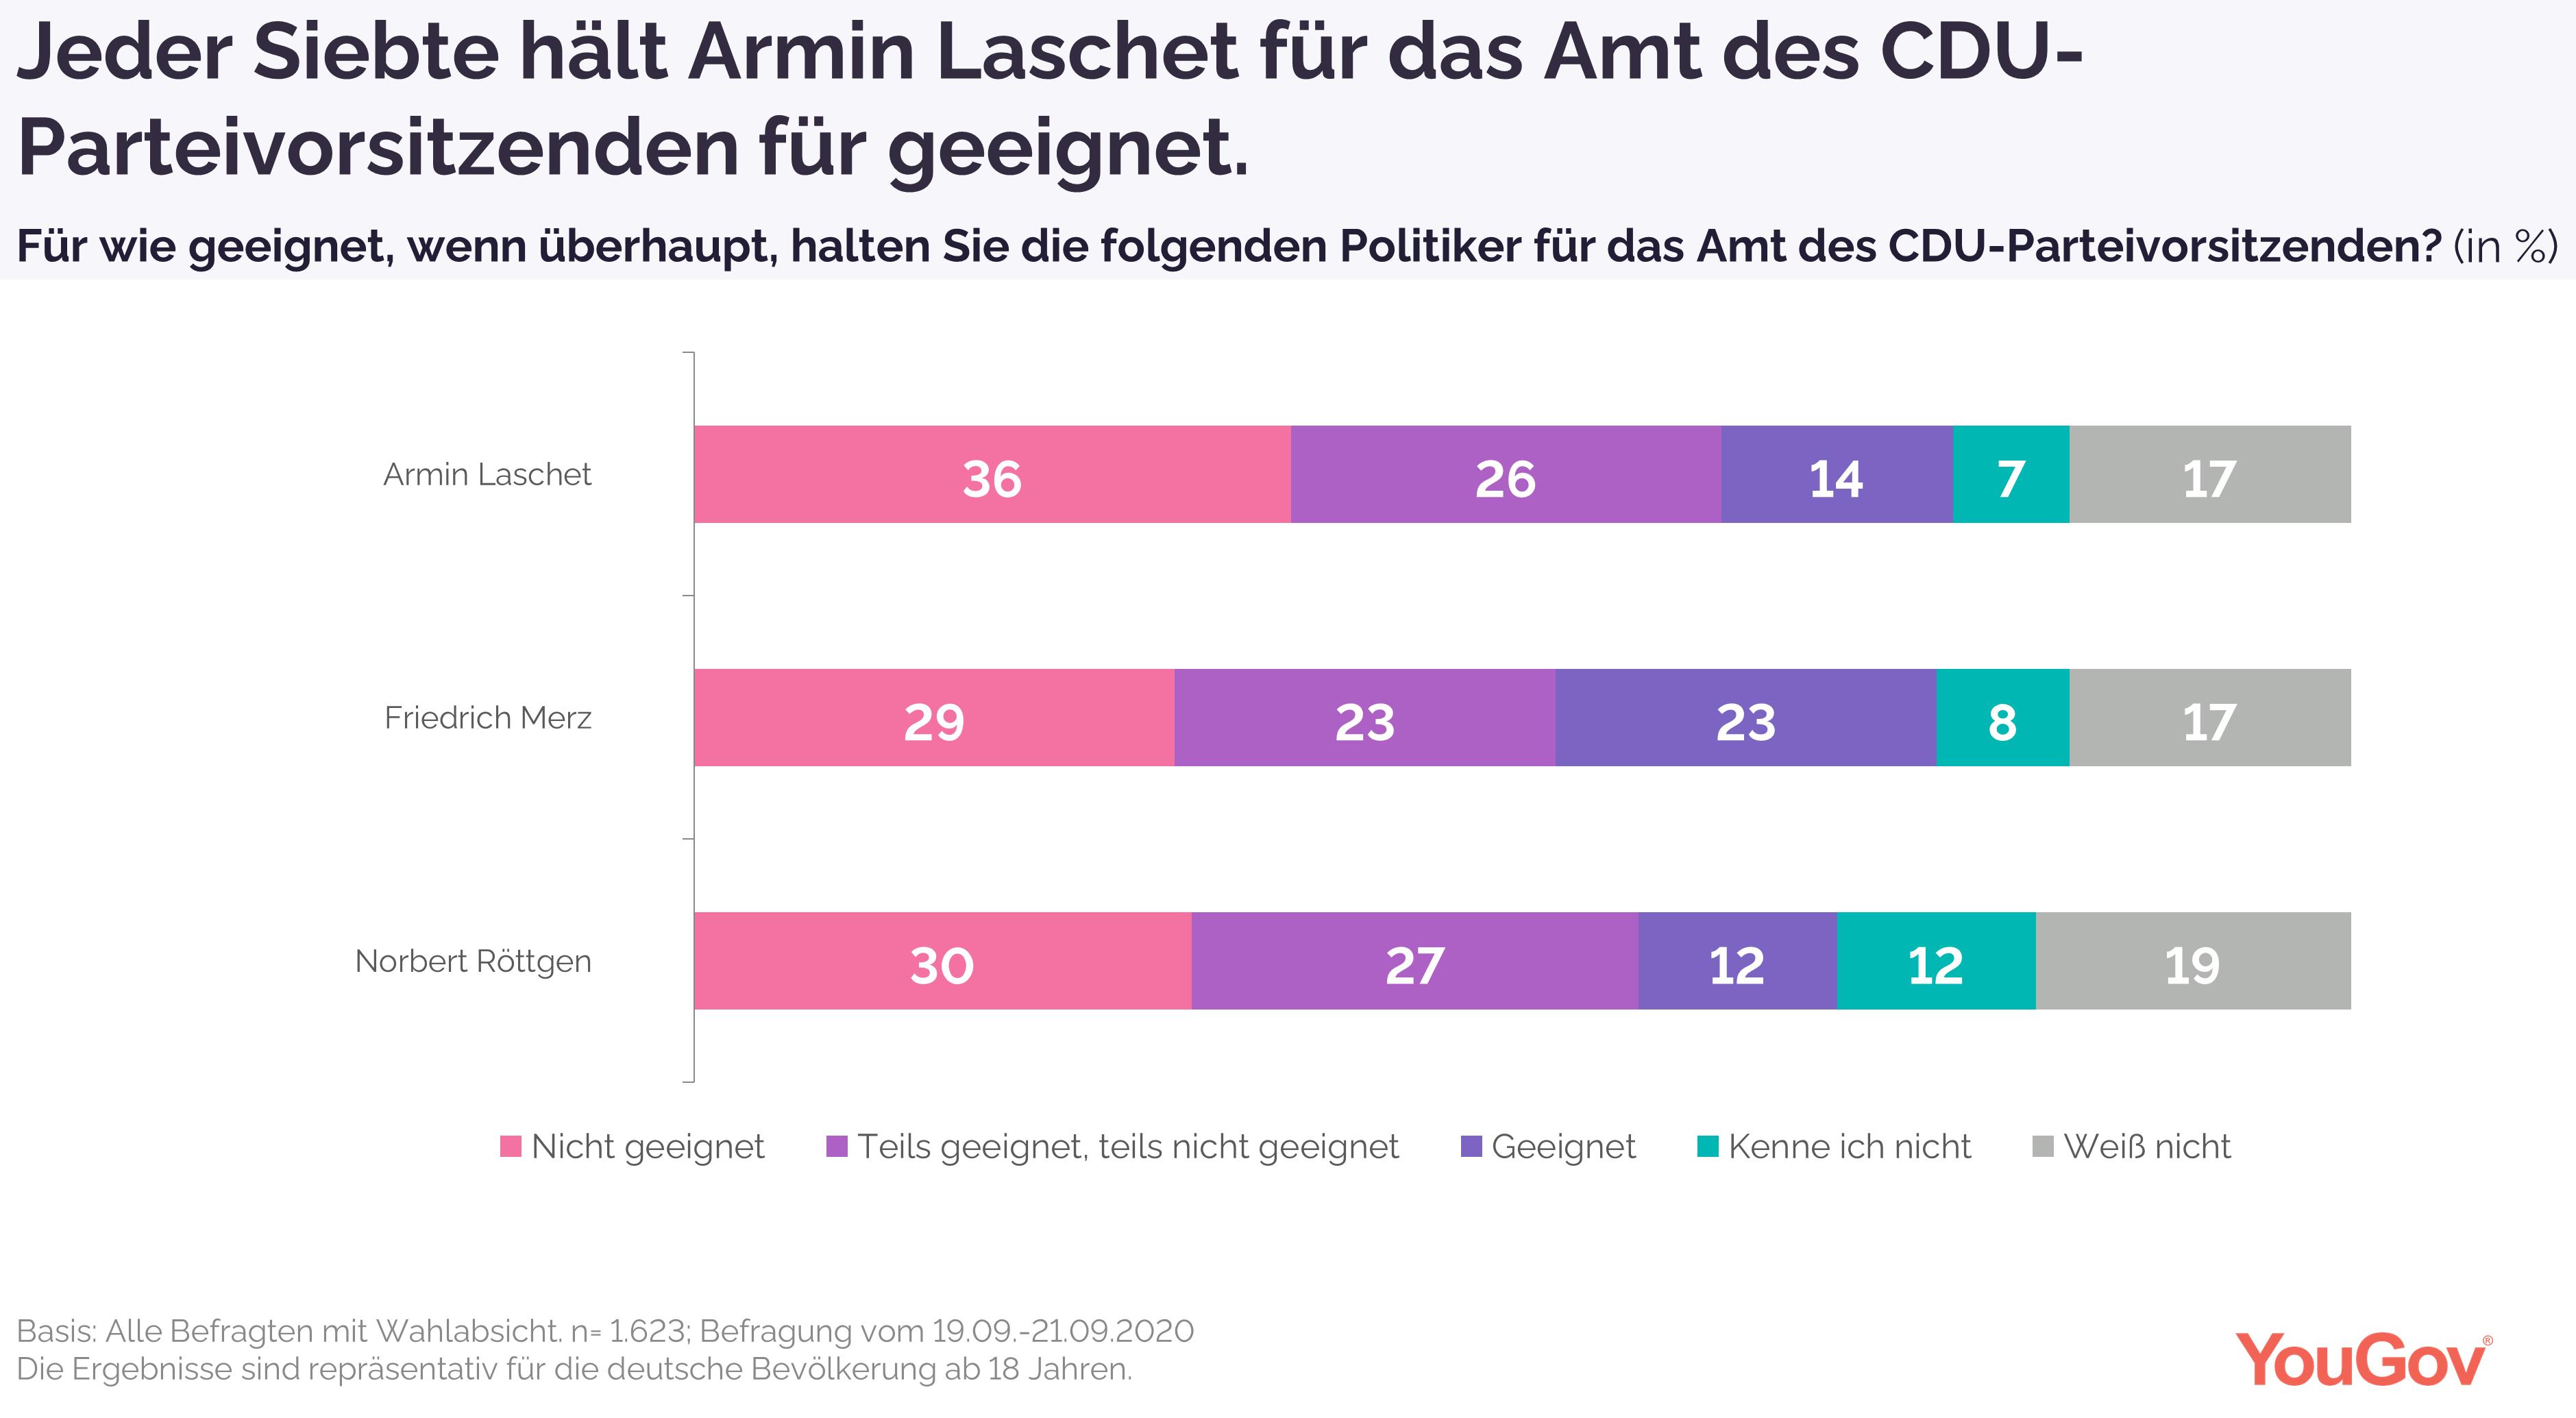 Jeder Siebte hält Laschet für geeignet als CDU-Parteivorsitzenden